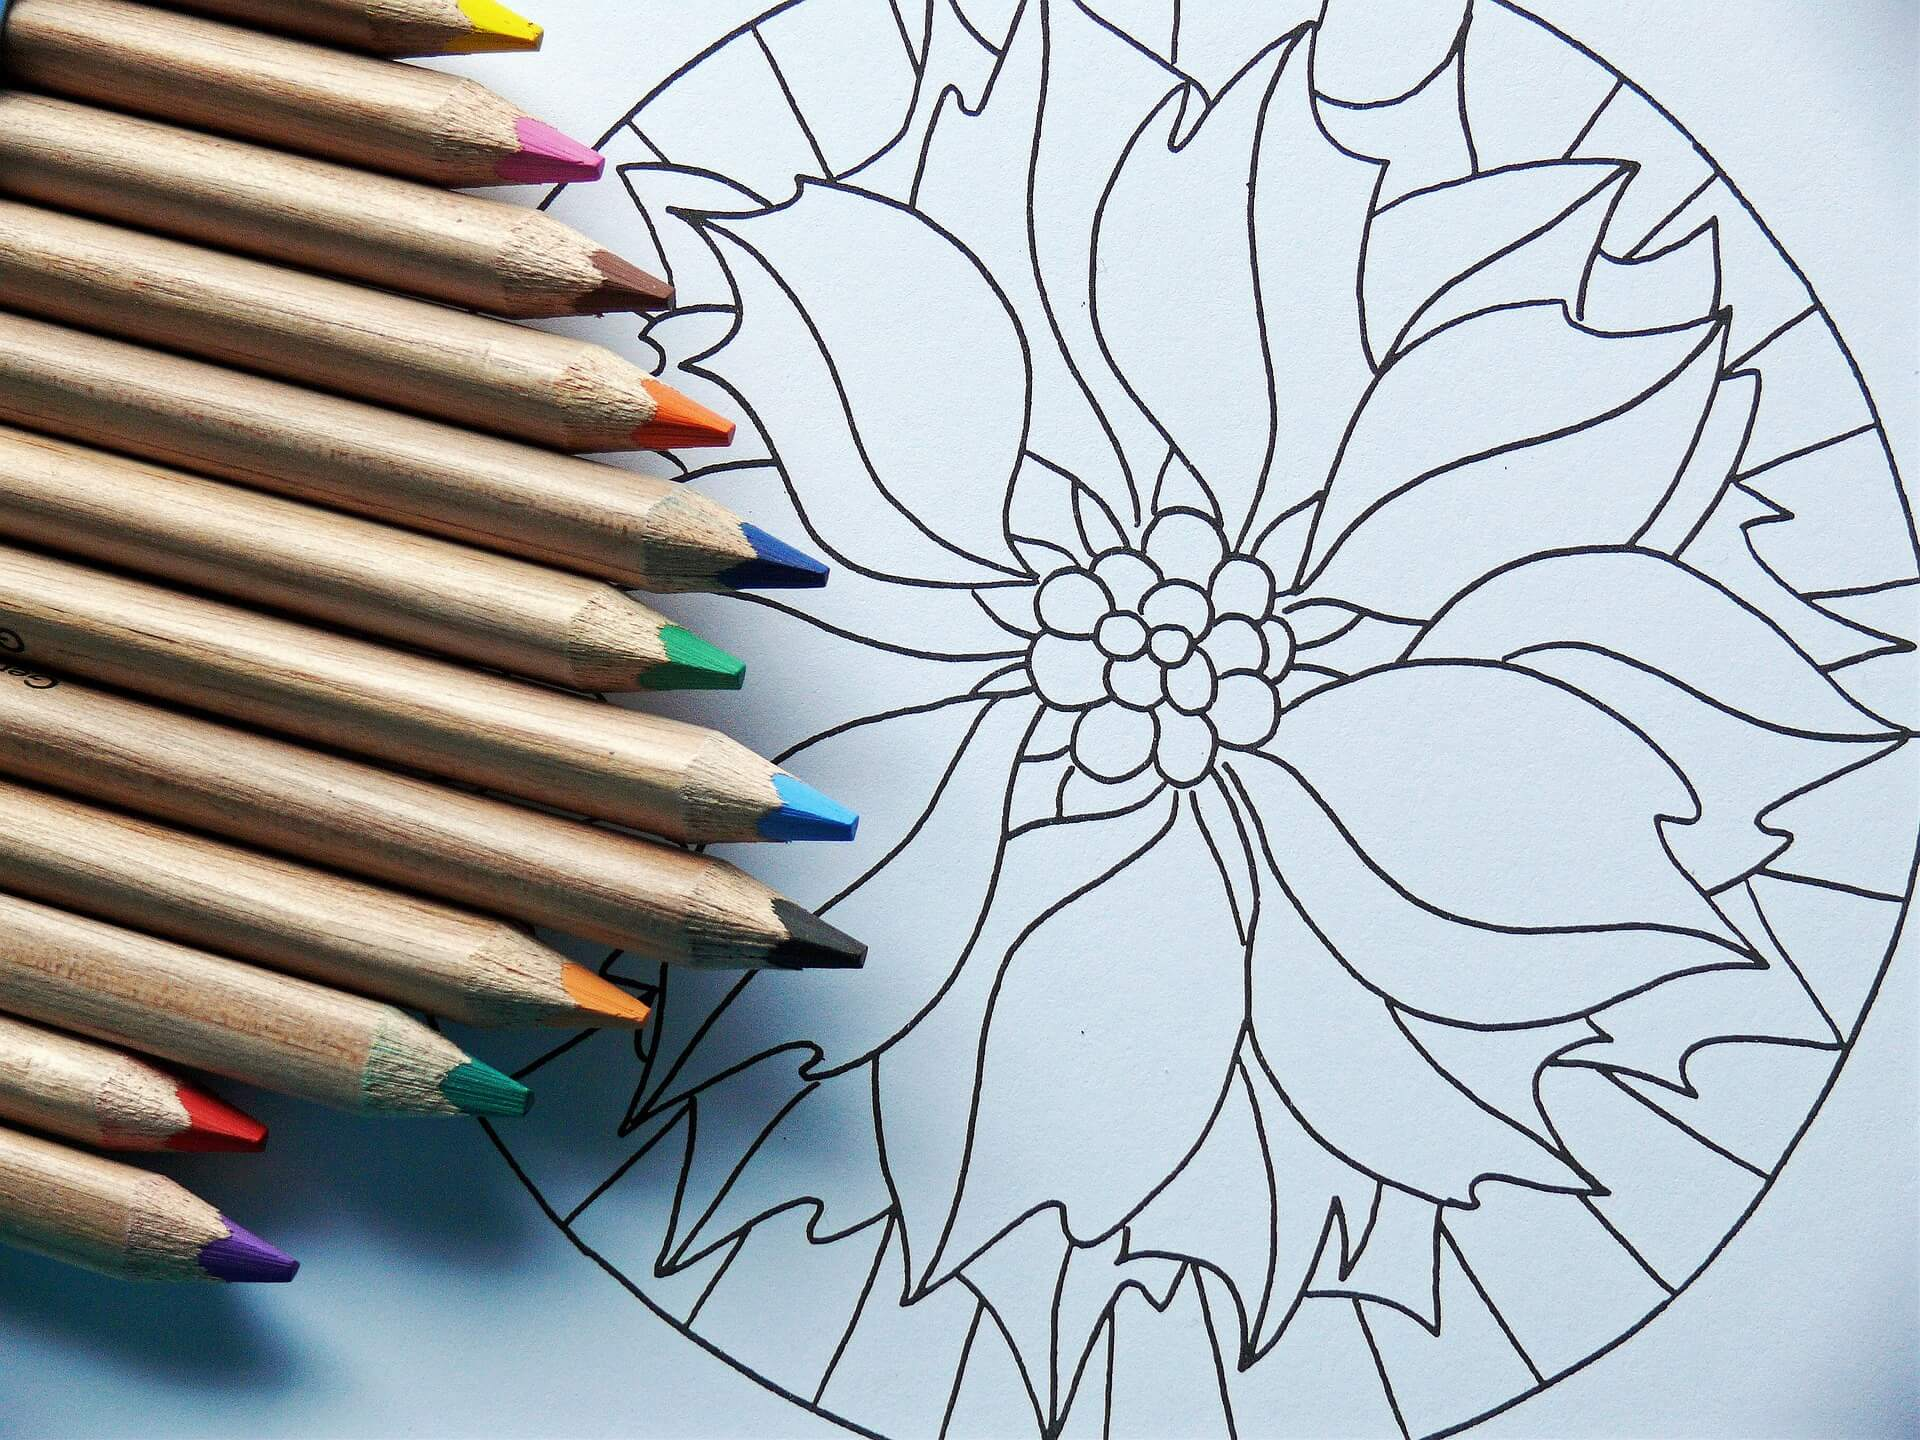 Mandala zum Ausmalen (c) moritz320 / pixabay.de